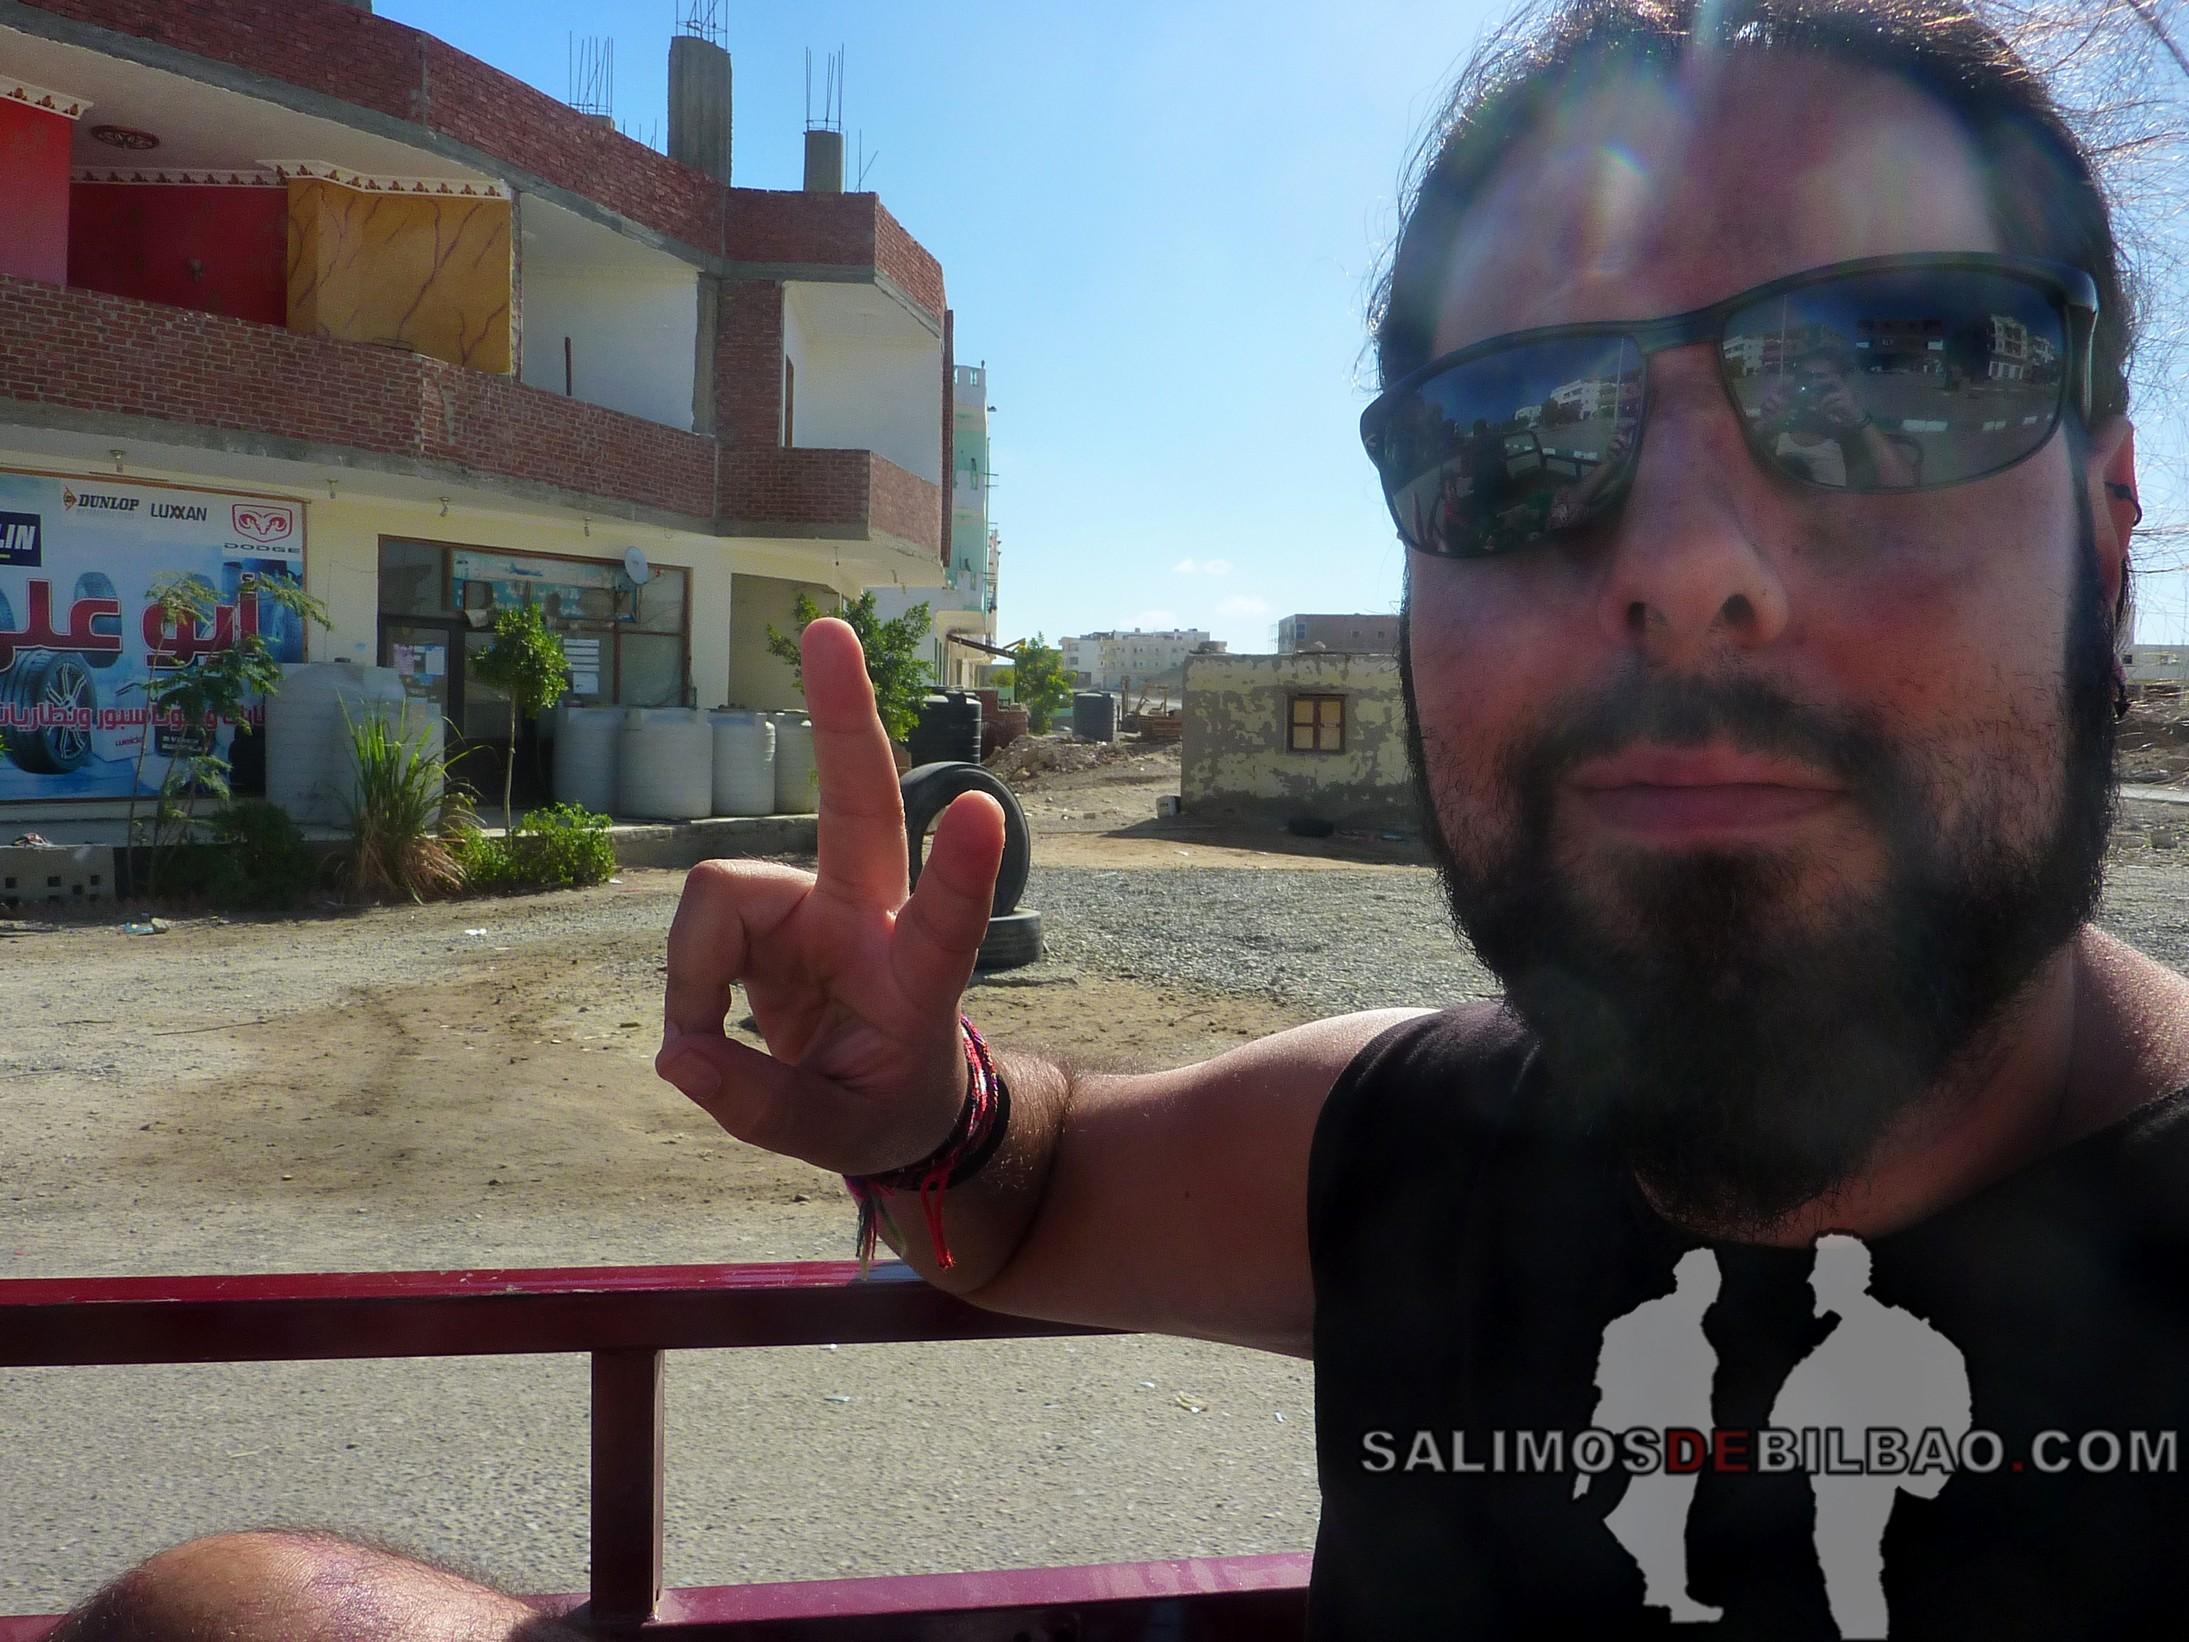 1071. Katz, en motocarro de Marsa Alam City a la playa 7 kilo